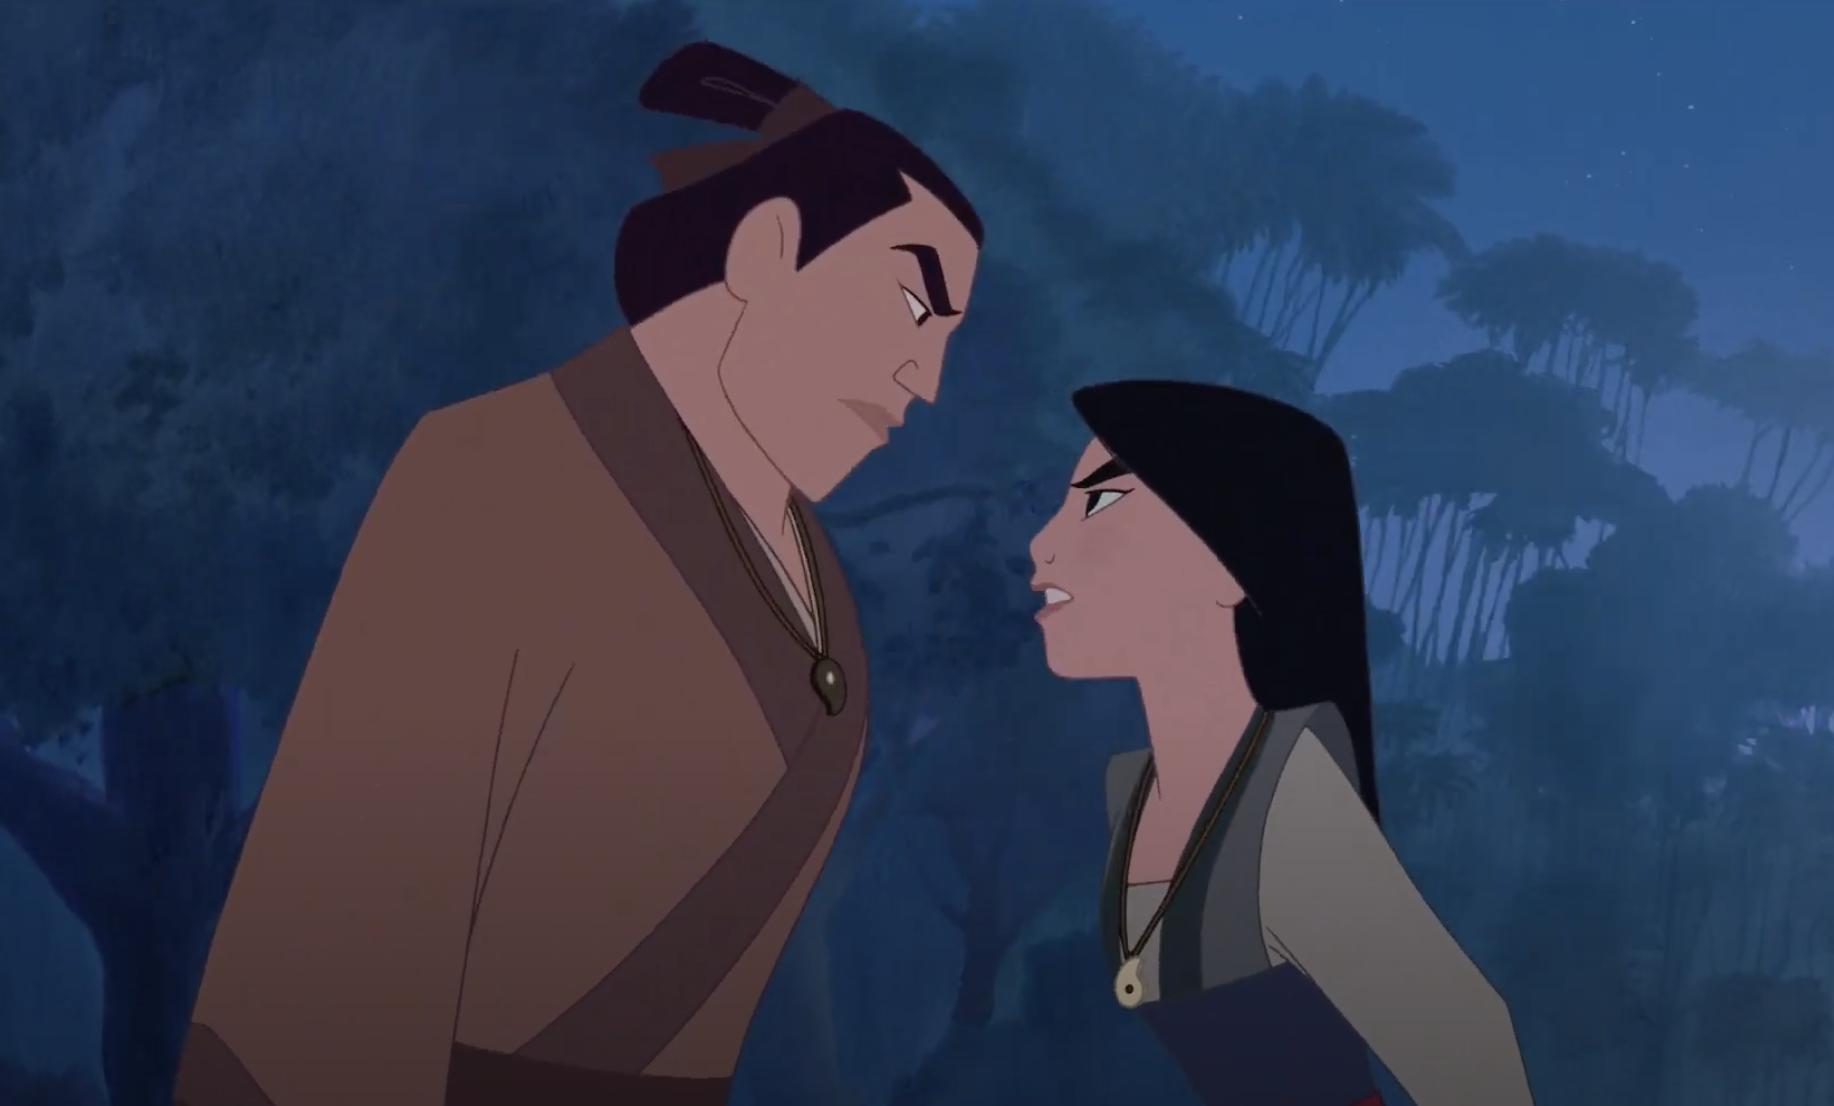 Shang and Mulan arguing